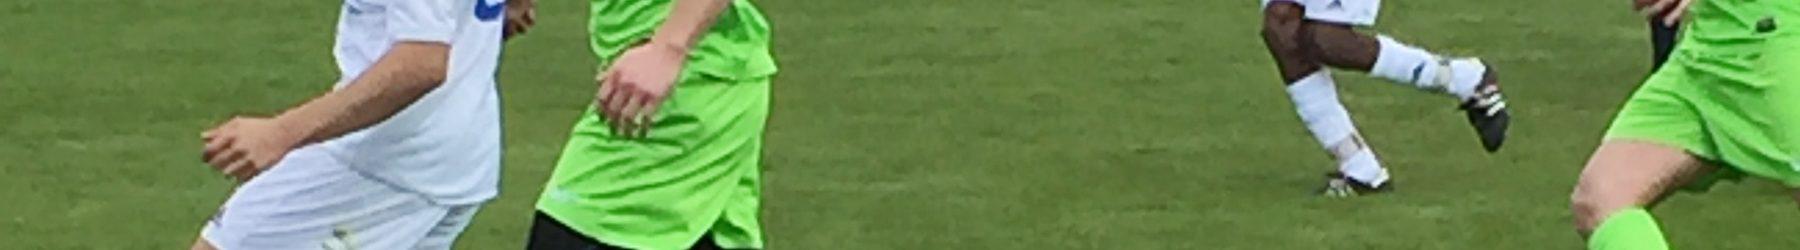 Fussball 4:1 Erfolg gegen Kirchheim